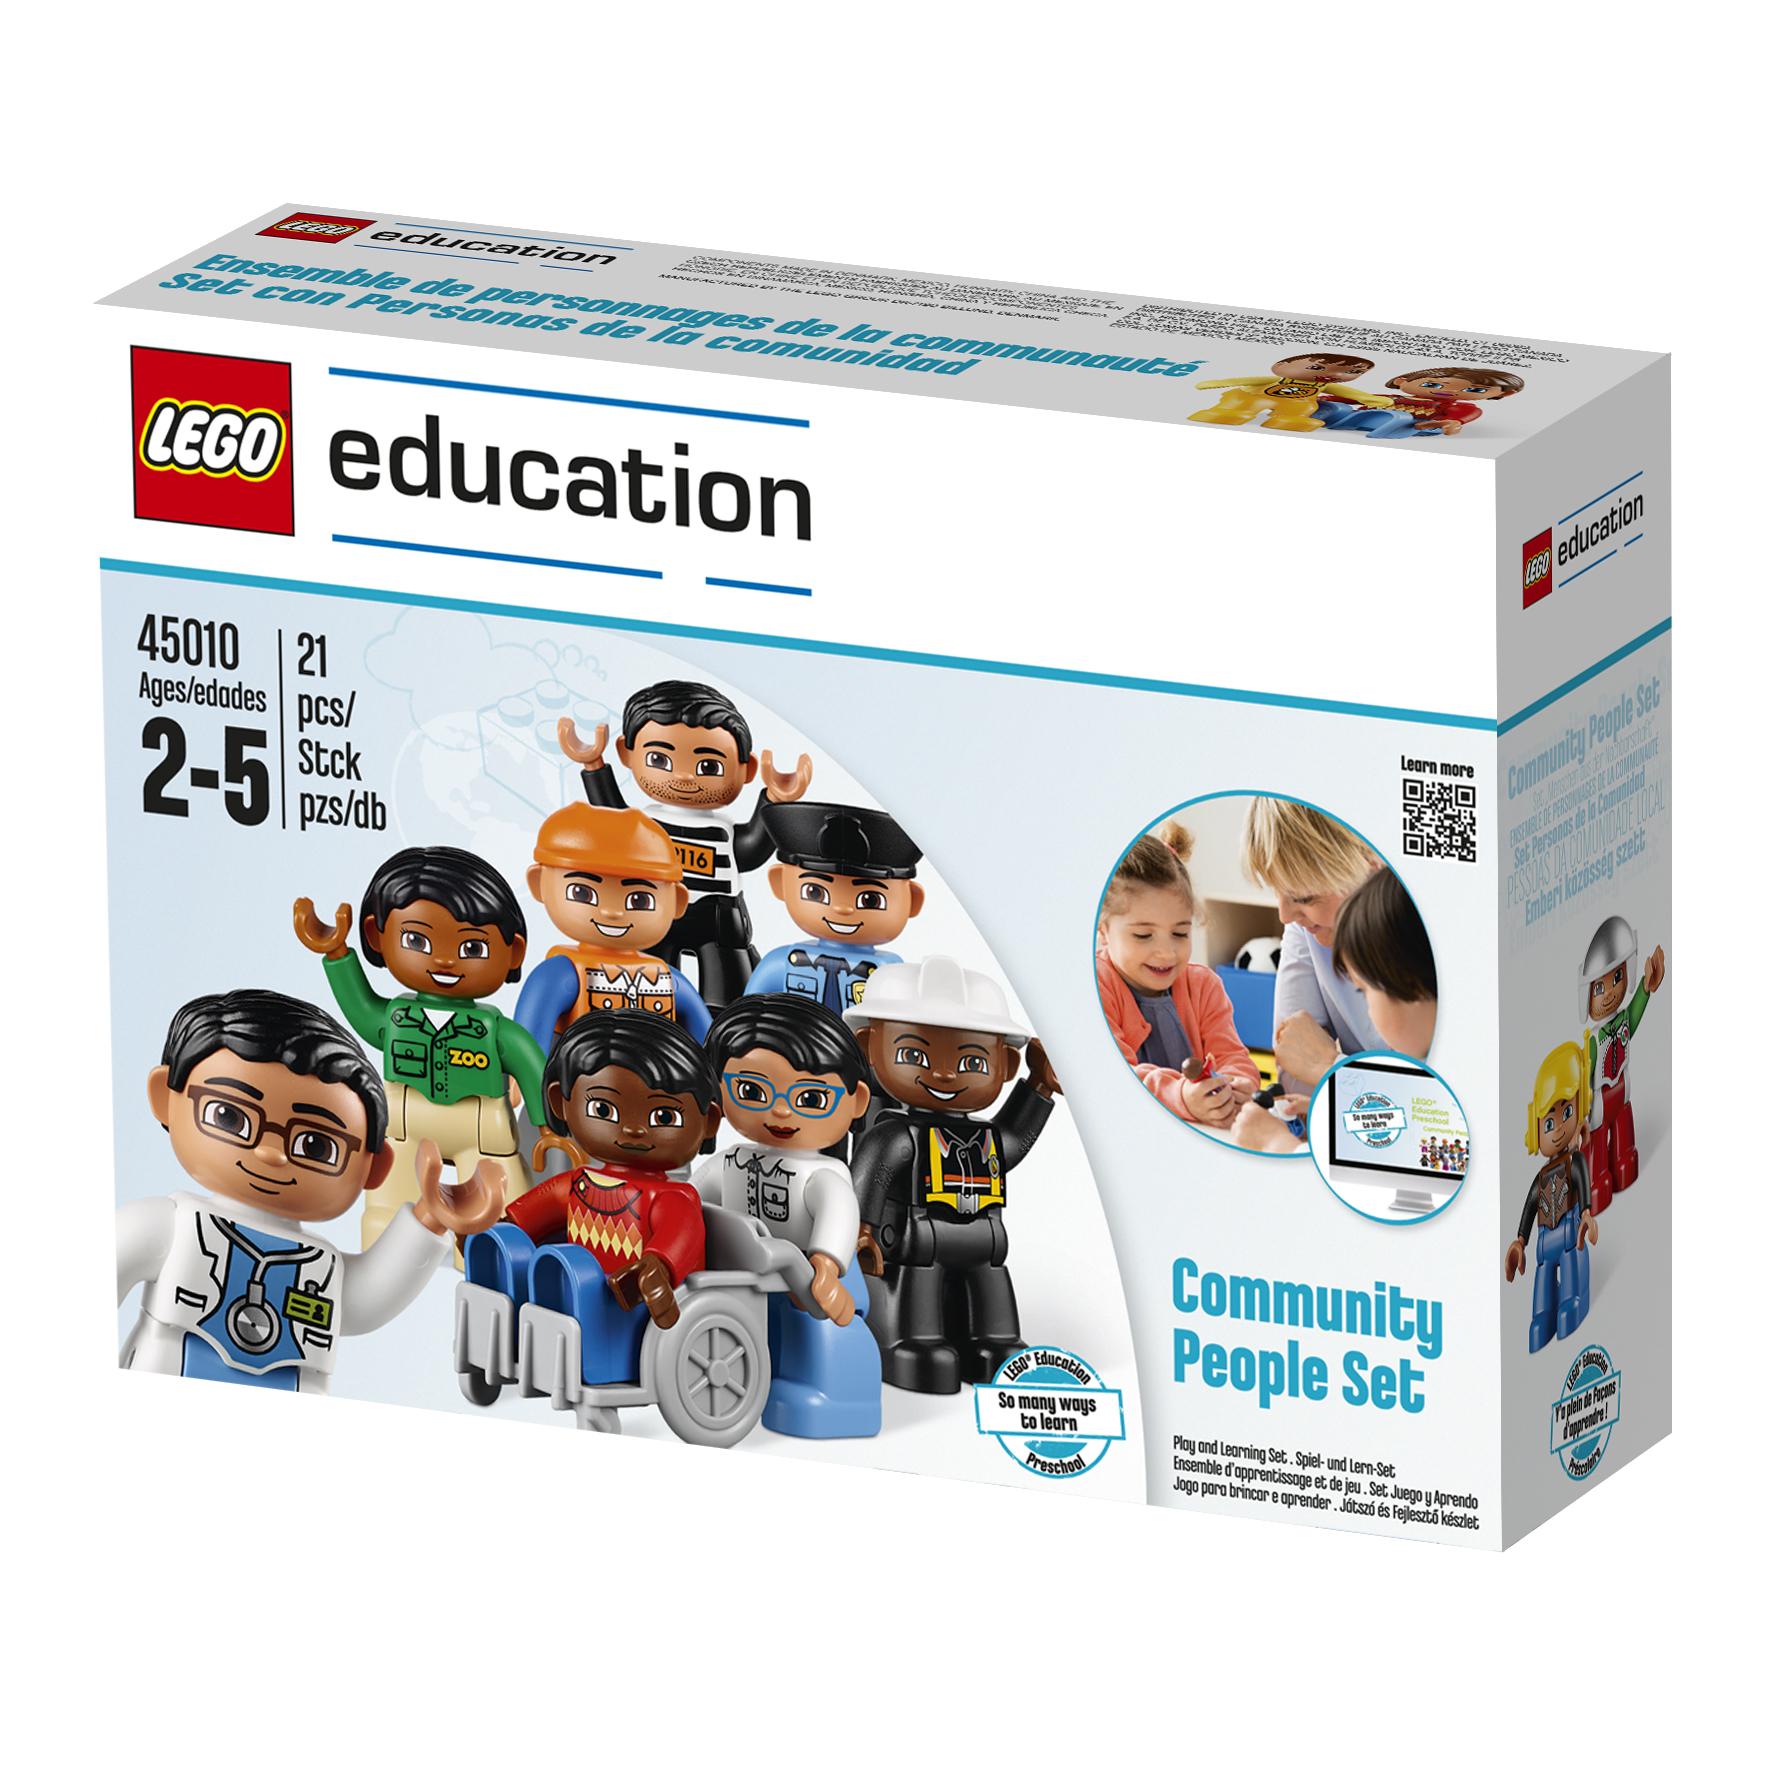 Пластиковый конструктор LEGO 45010